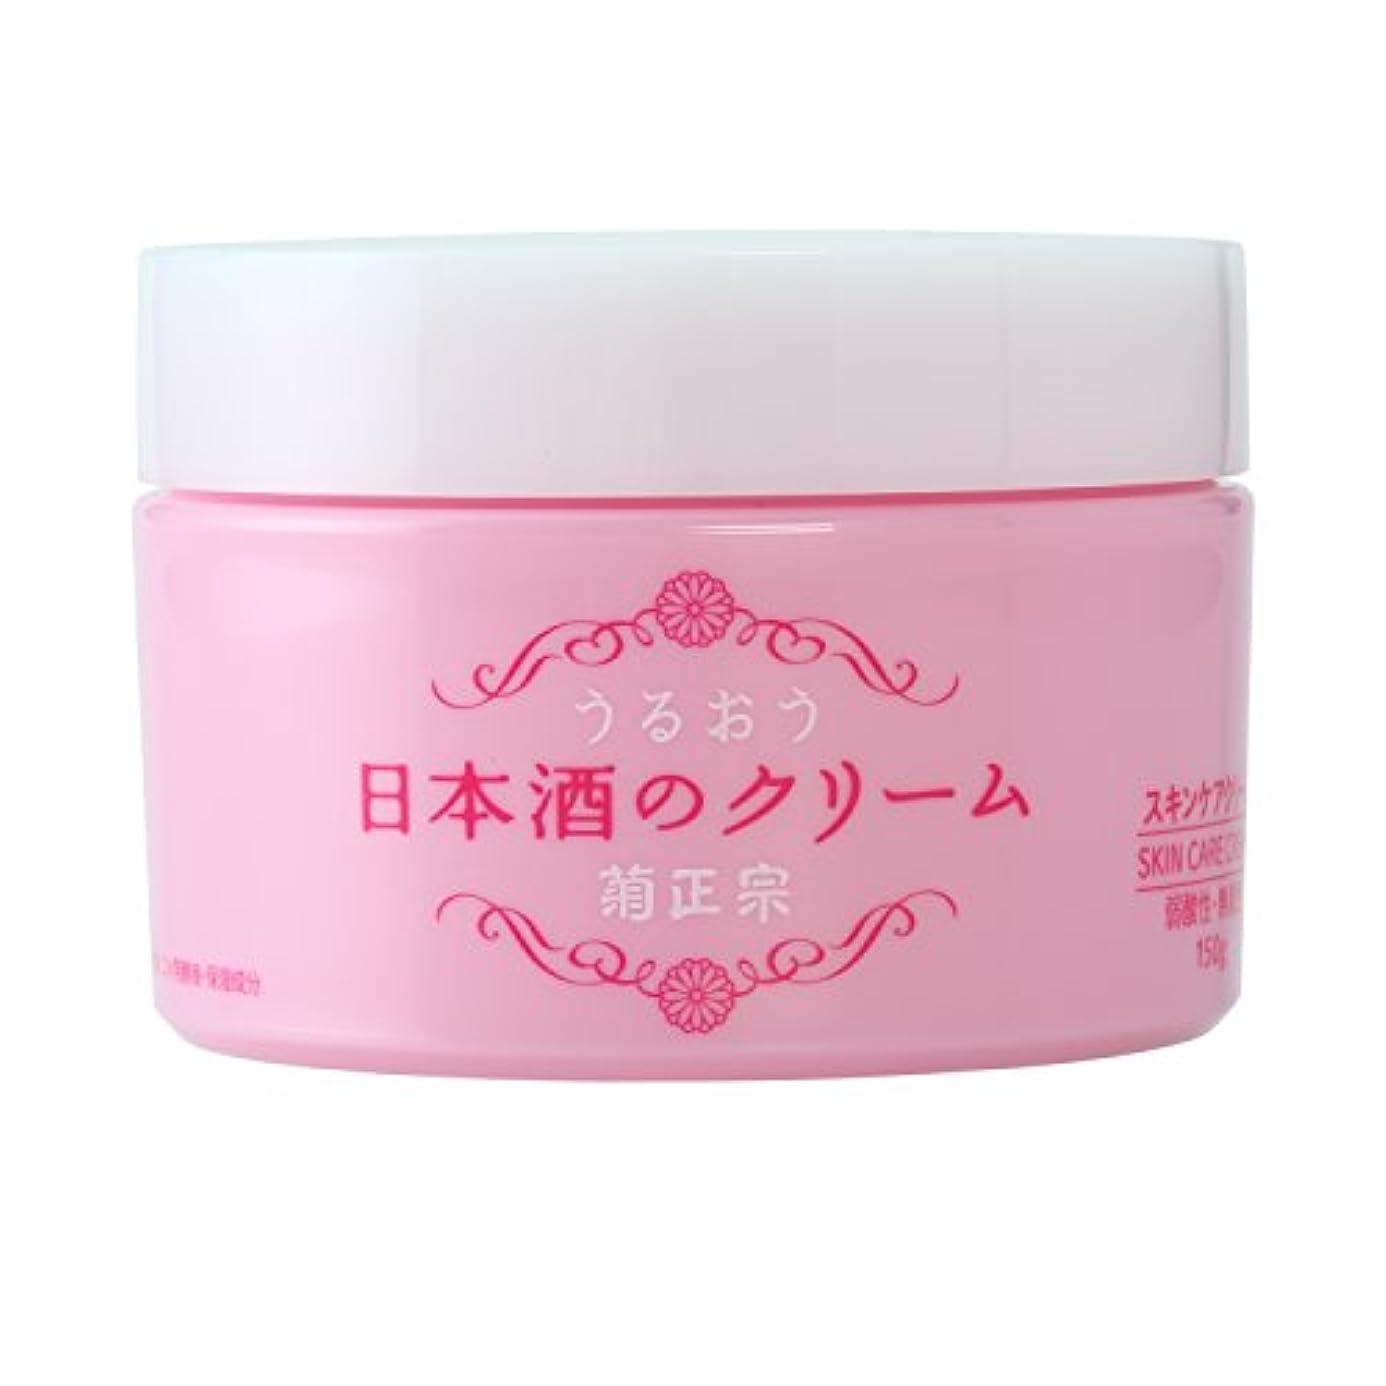 ポータル小包農業の菊正宗 日本酒のクリーム 150g 顔 全身 保湿